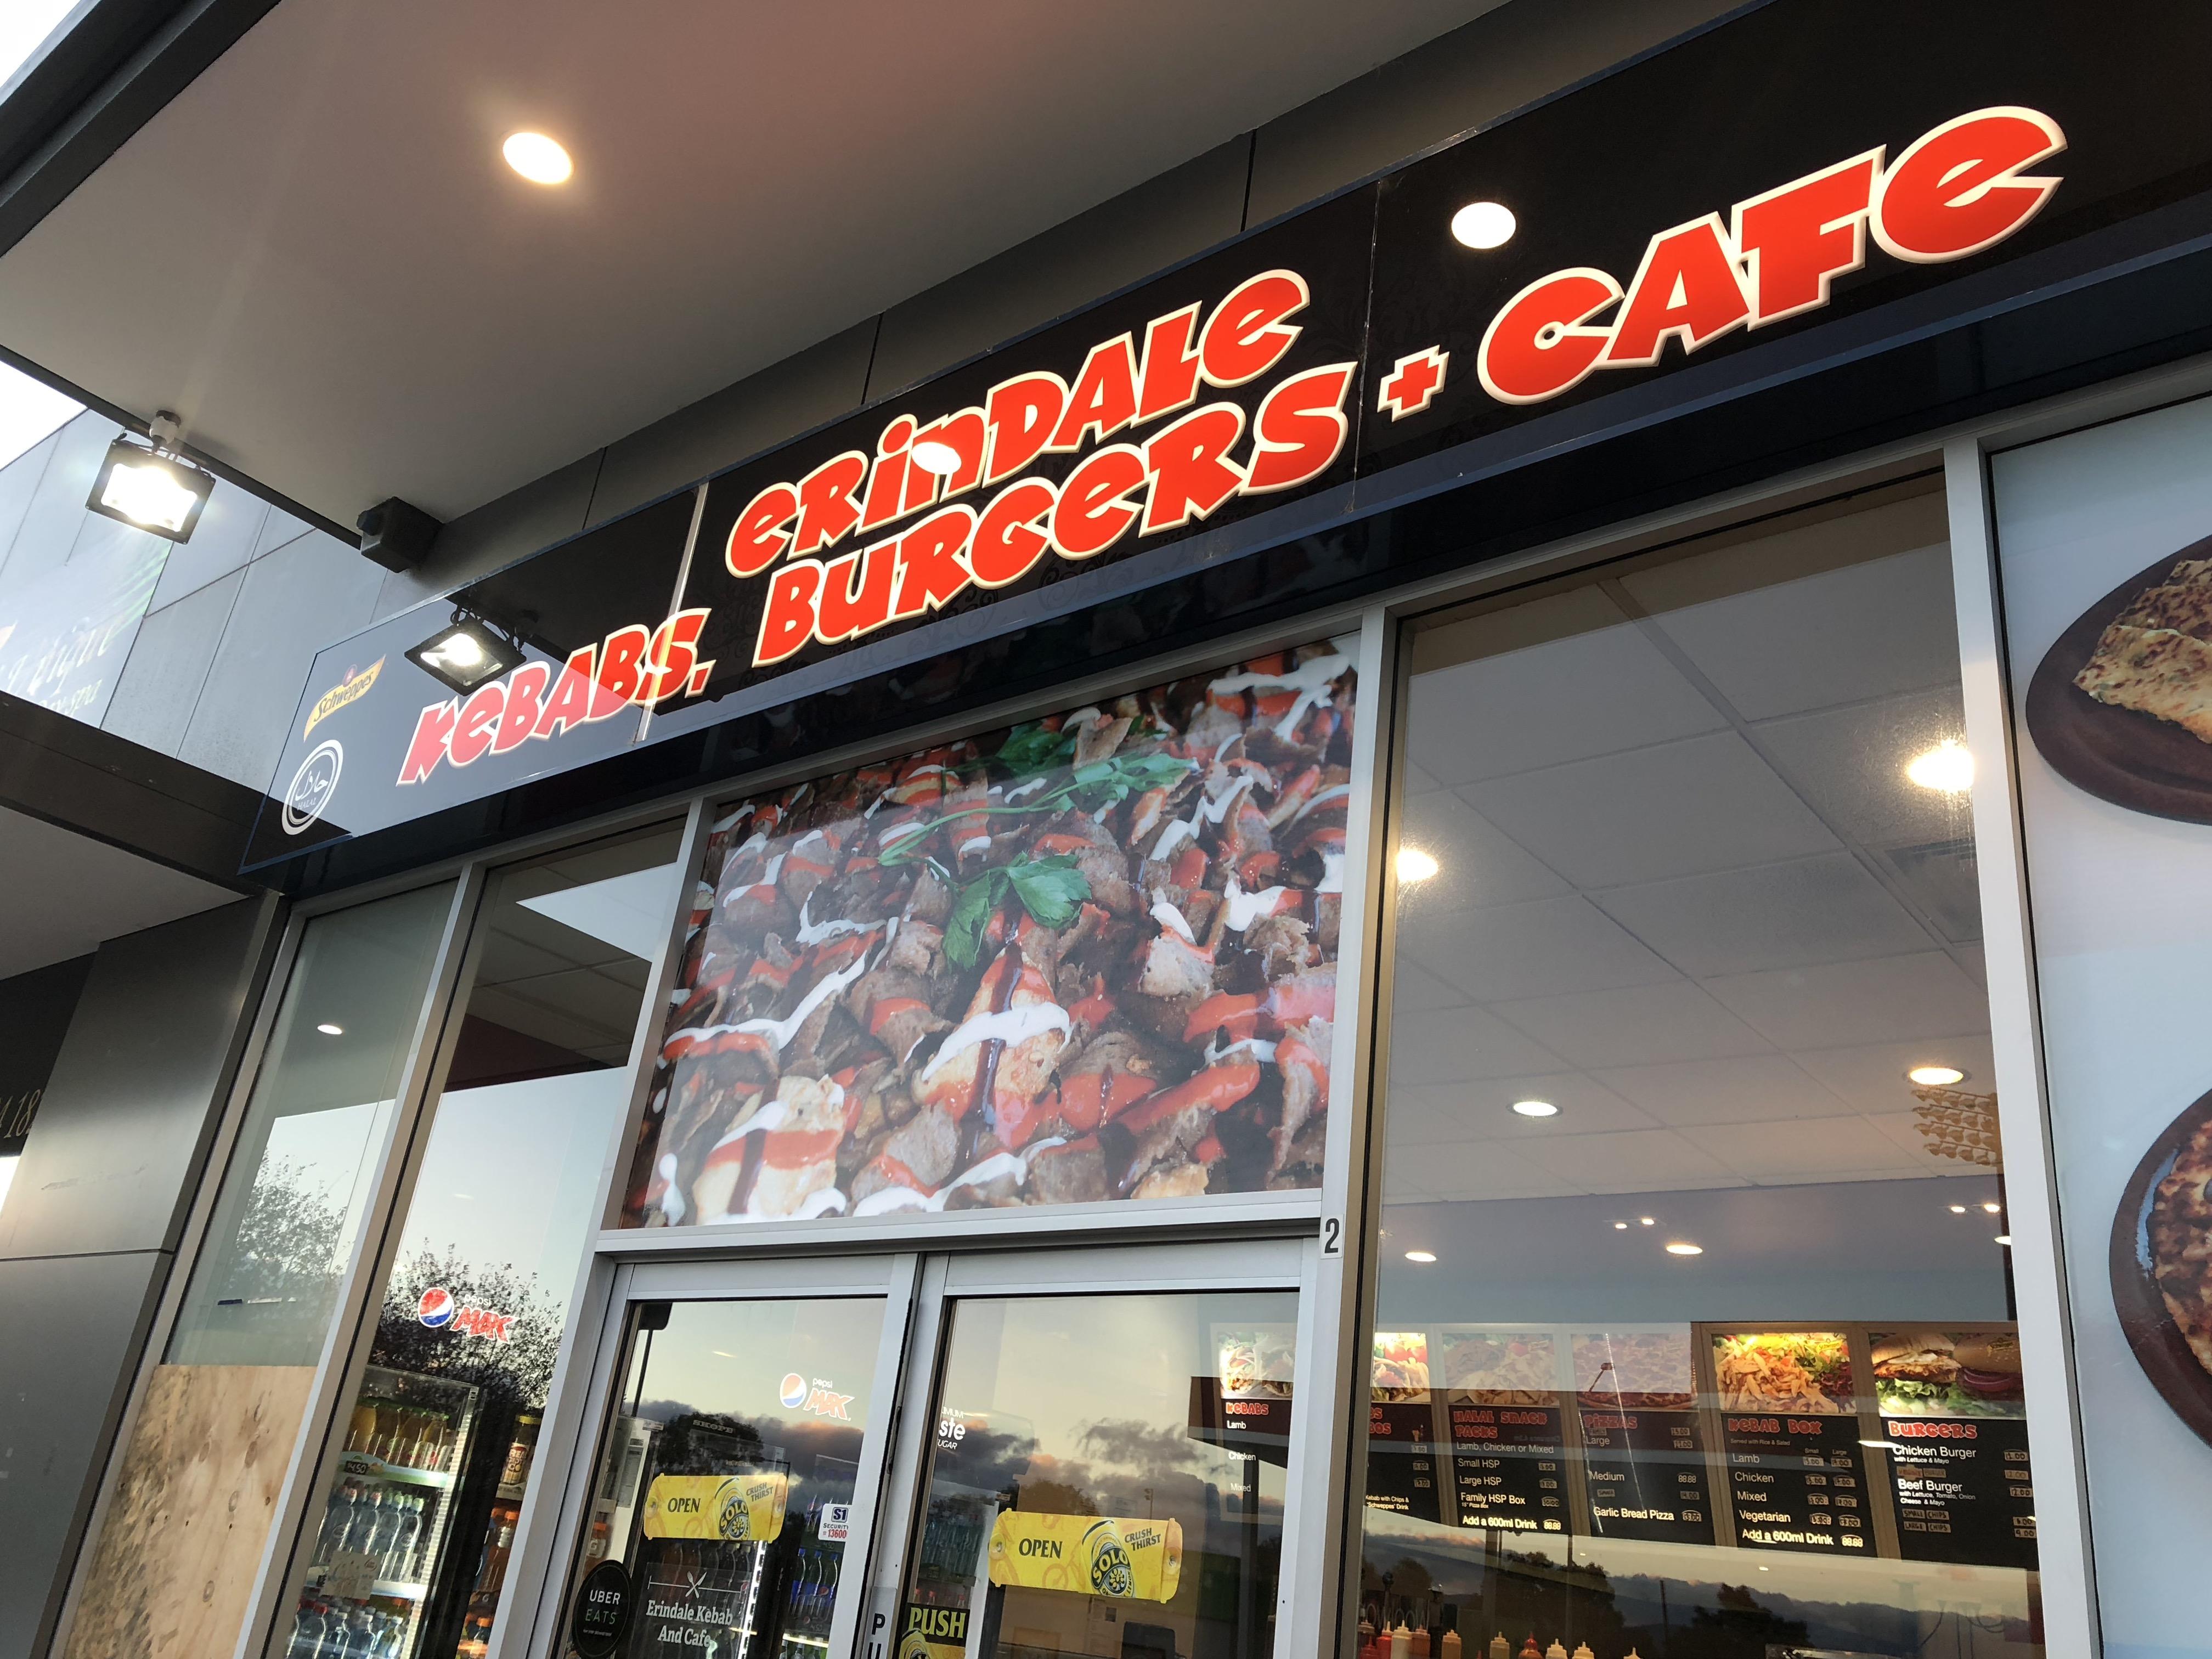 Erindale Kebabs Shop Front